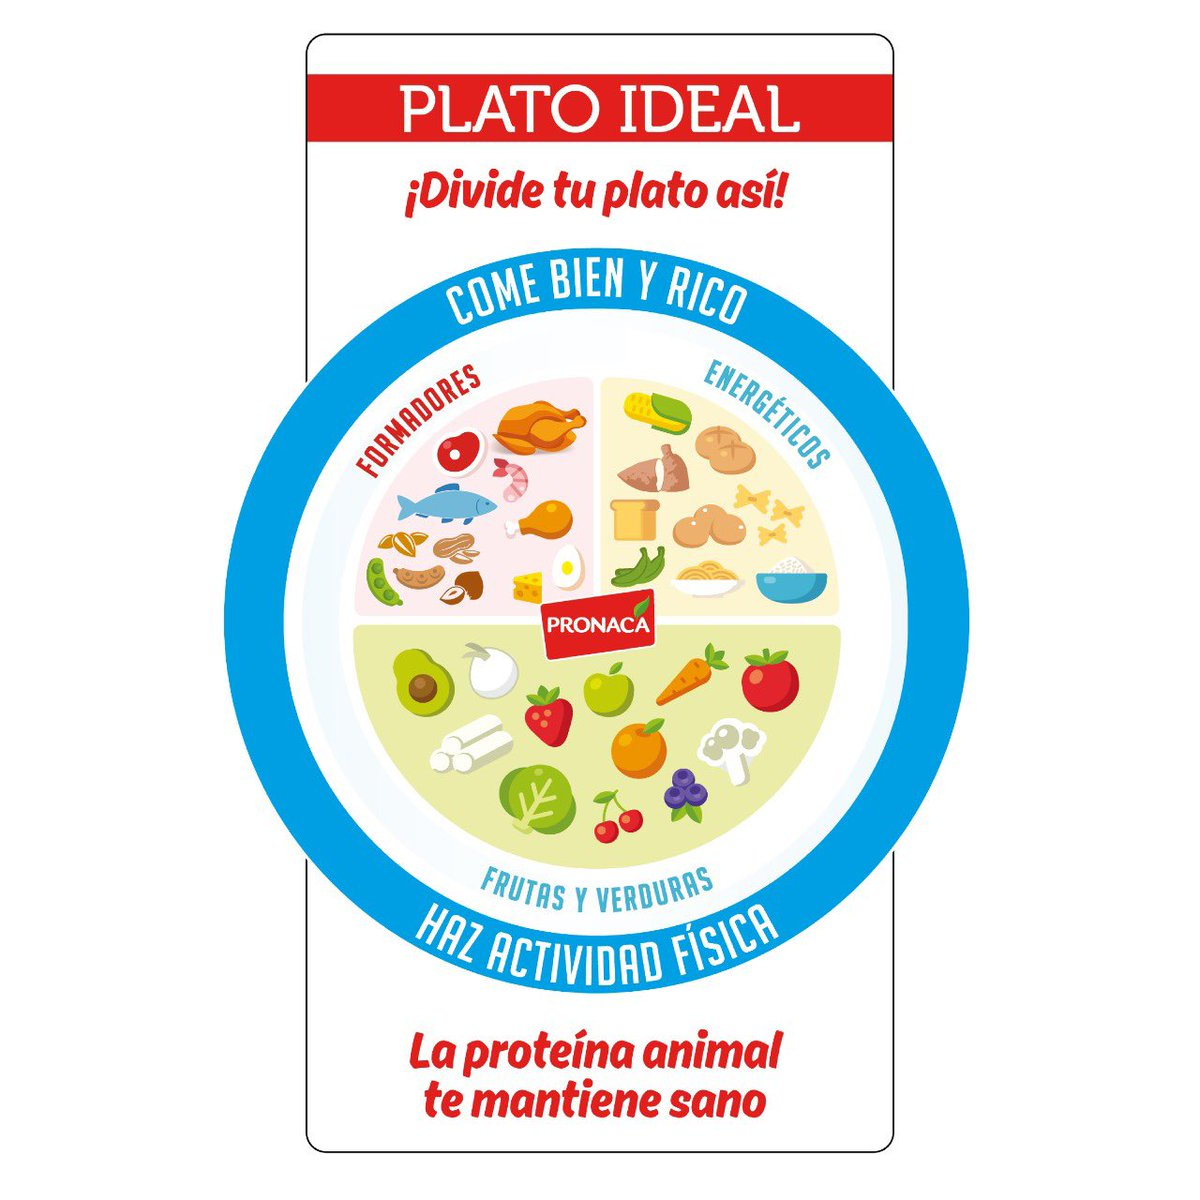 🧡¡Ya tenemos ayuda! 💖  @SerPronaca nos apoya y tú te alimentas bien. 🍎Recuerda que parte de los cuidados contra el #Covid19 es comer #nutritivamente y las porciones adecuadas para mantenerte sano🤝 Infórmate👇 #JuntosSaldremosAdelante #HambreCero  #CulturaPronaca https://t.co/T0CGnPYKJx